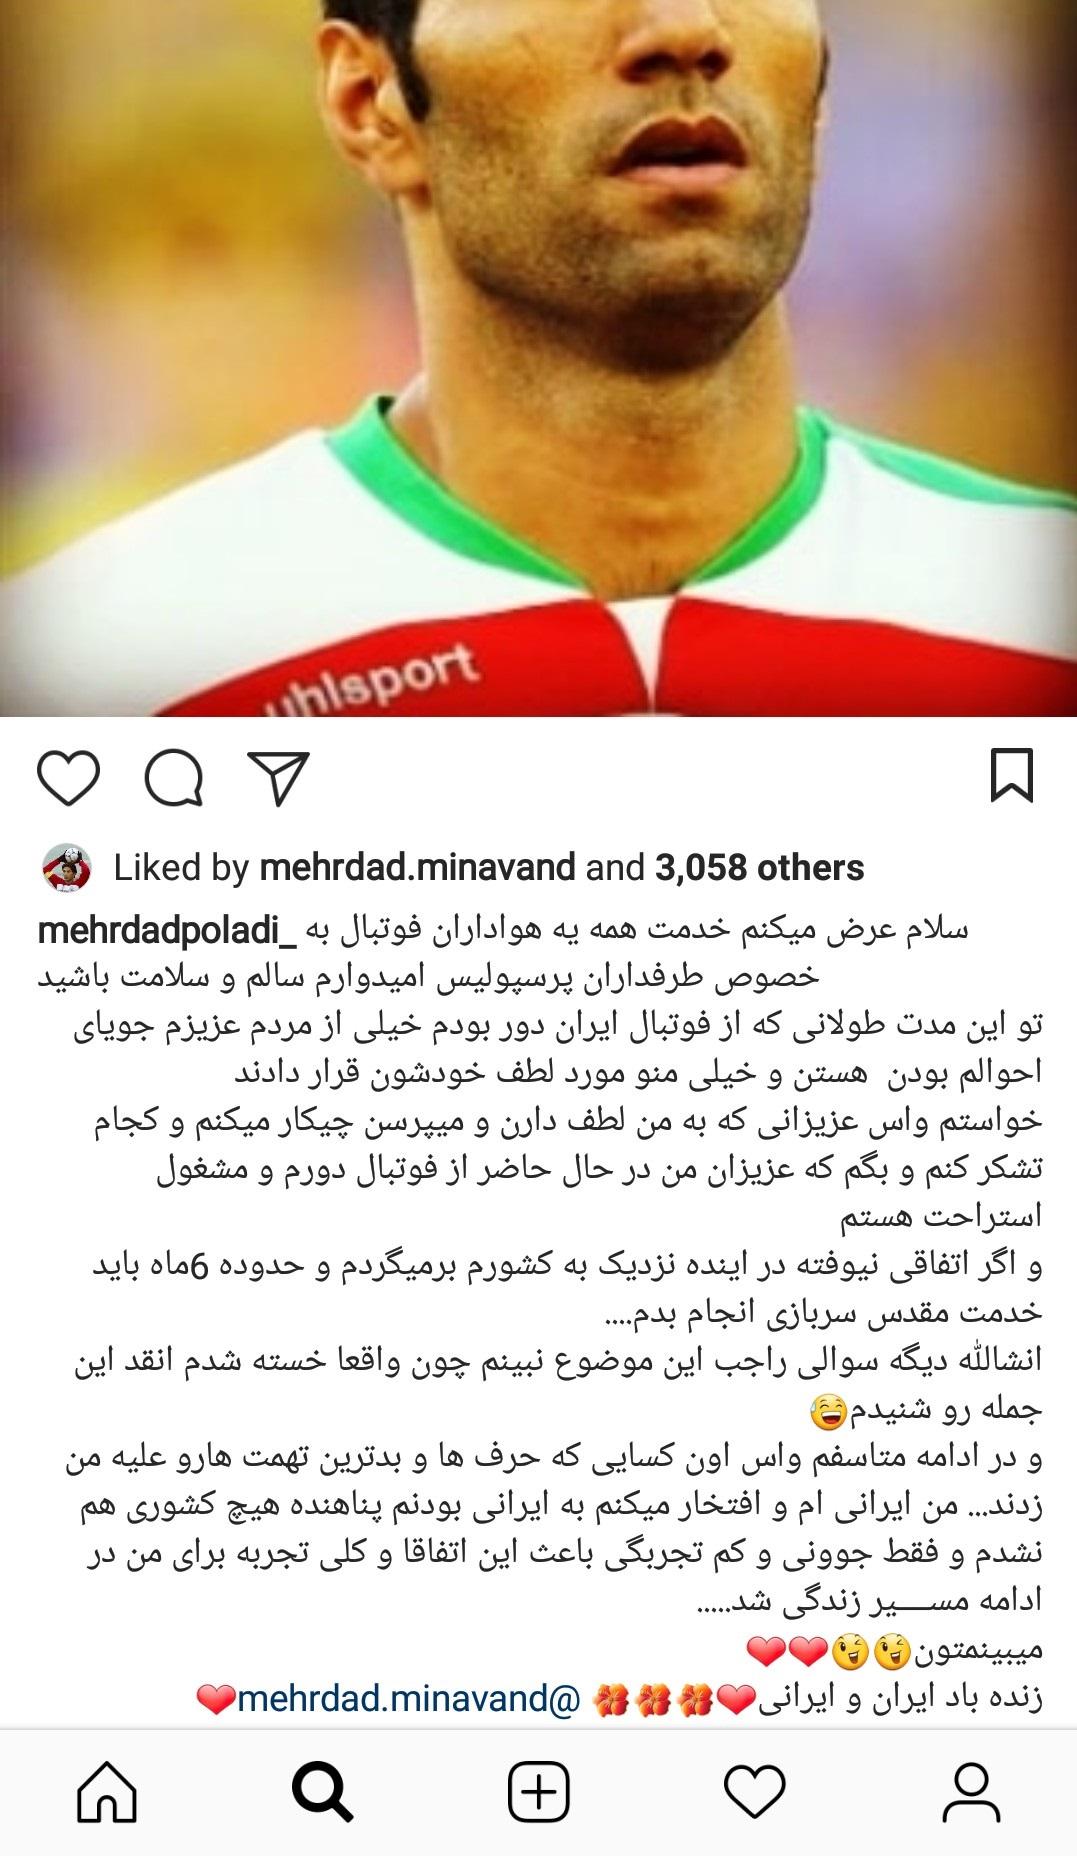 سربازفراری فوتبال به ایران برمی گردد + عکس